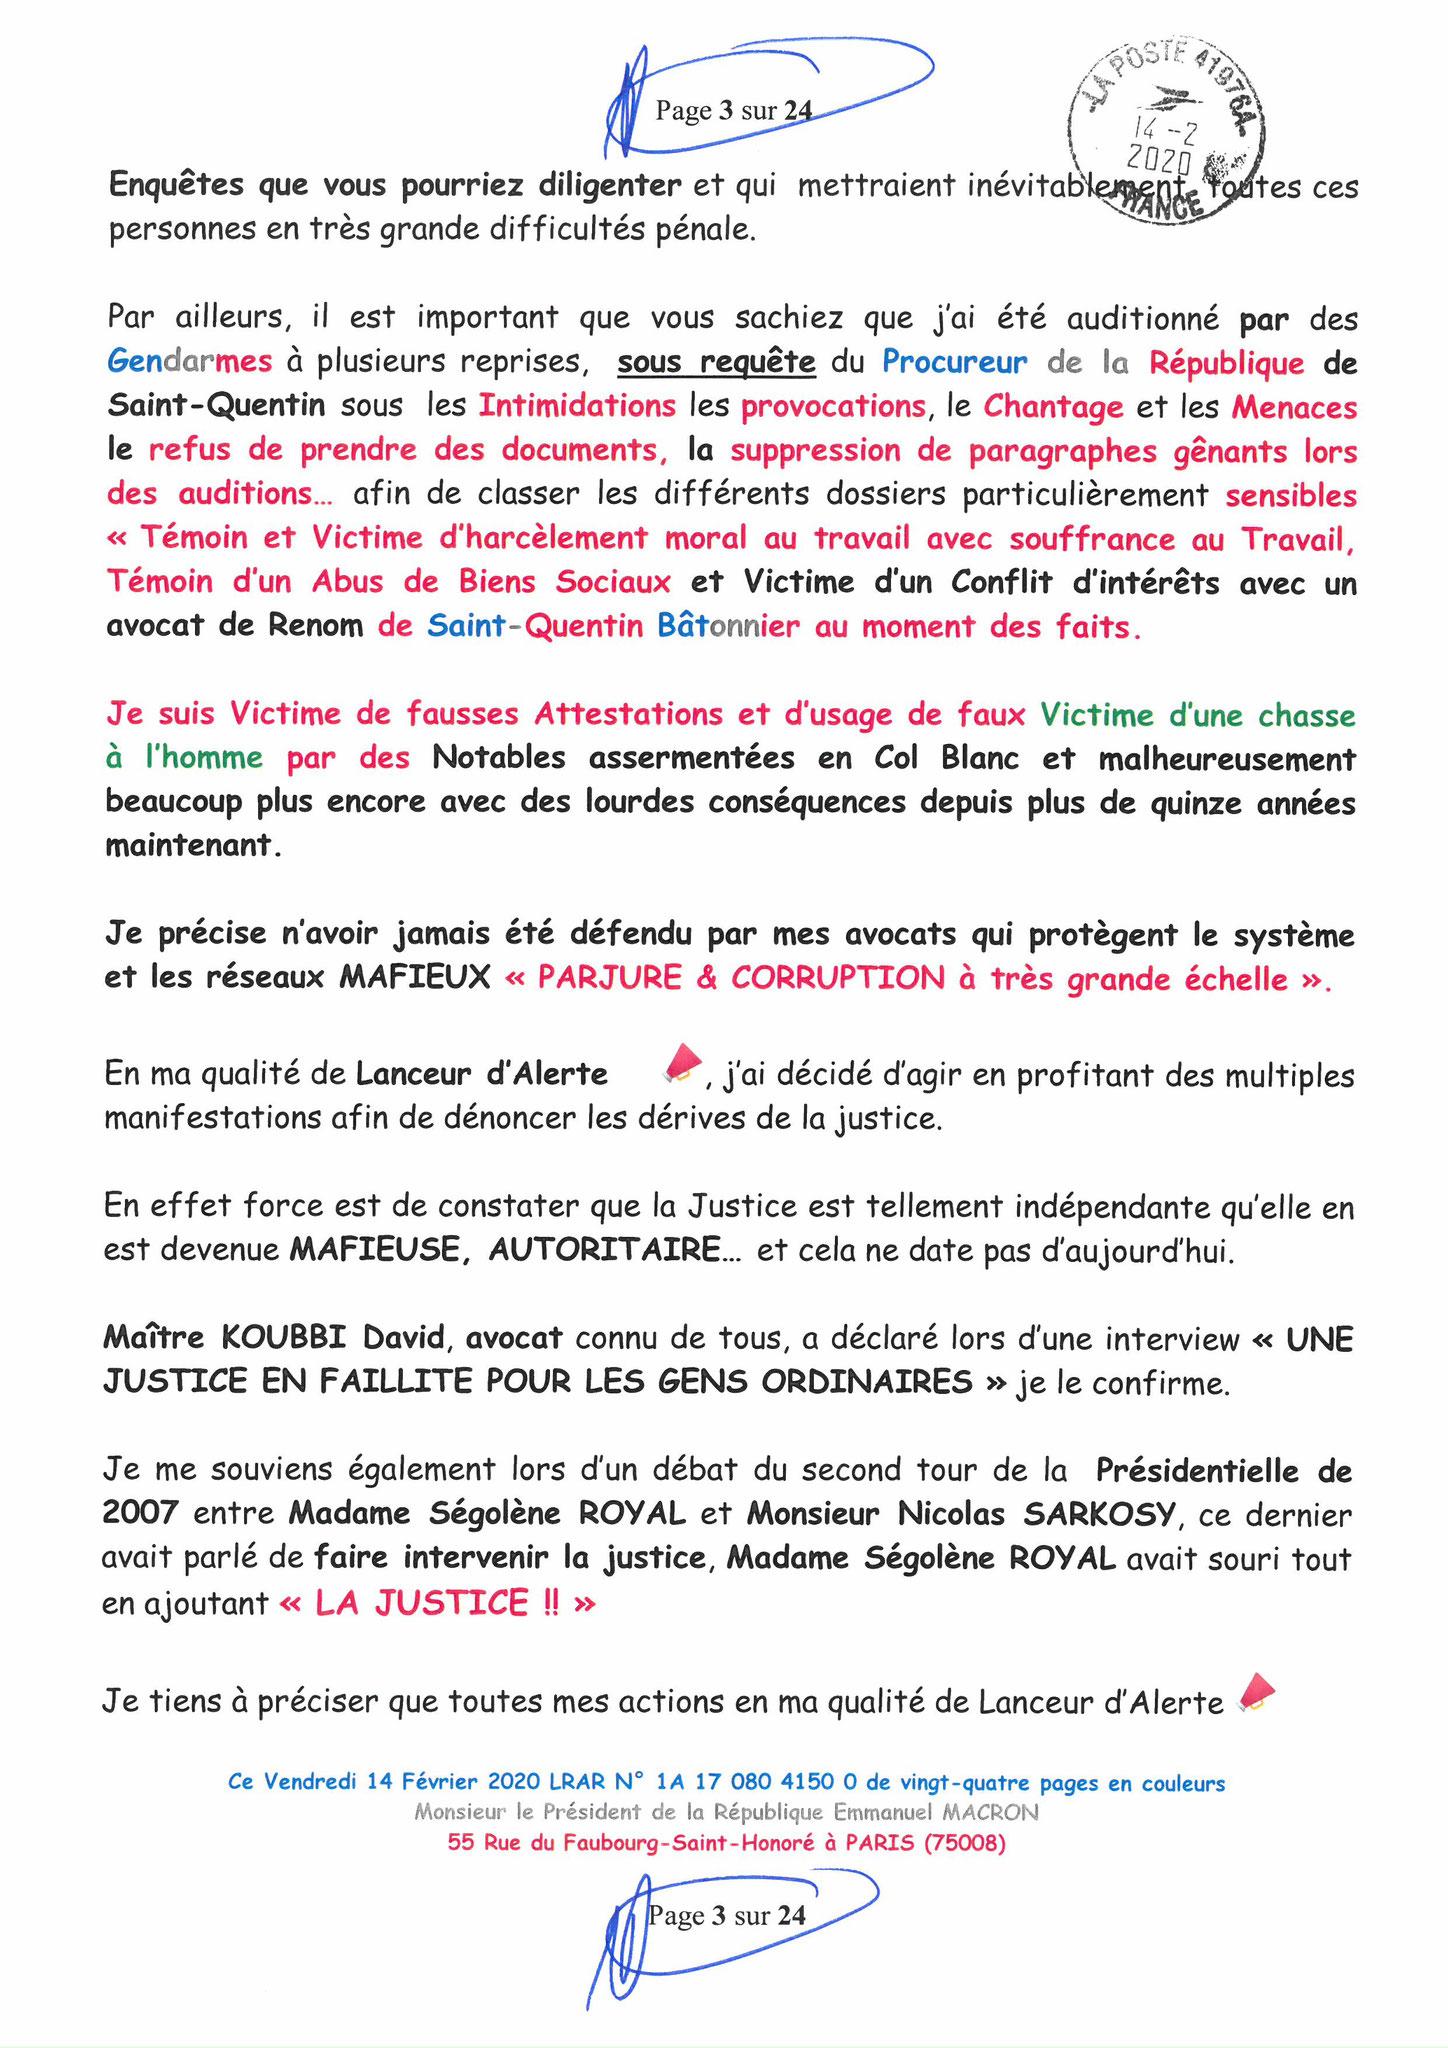 Ma lettre recommandée du 14 Février 2020 N° 1A 178 082 4150 0  page 3 sur 24 en couleur que j'ai adressé à Monsieur Emmanuel MACRON le Président de la République www.jesuispatrick.fr